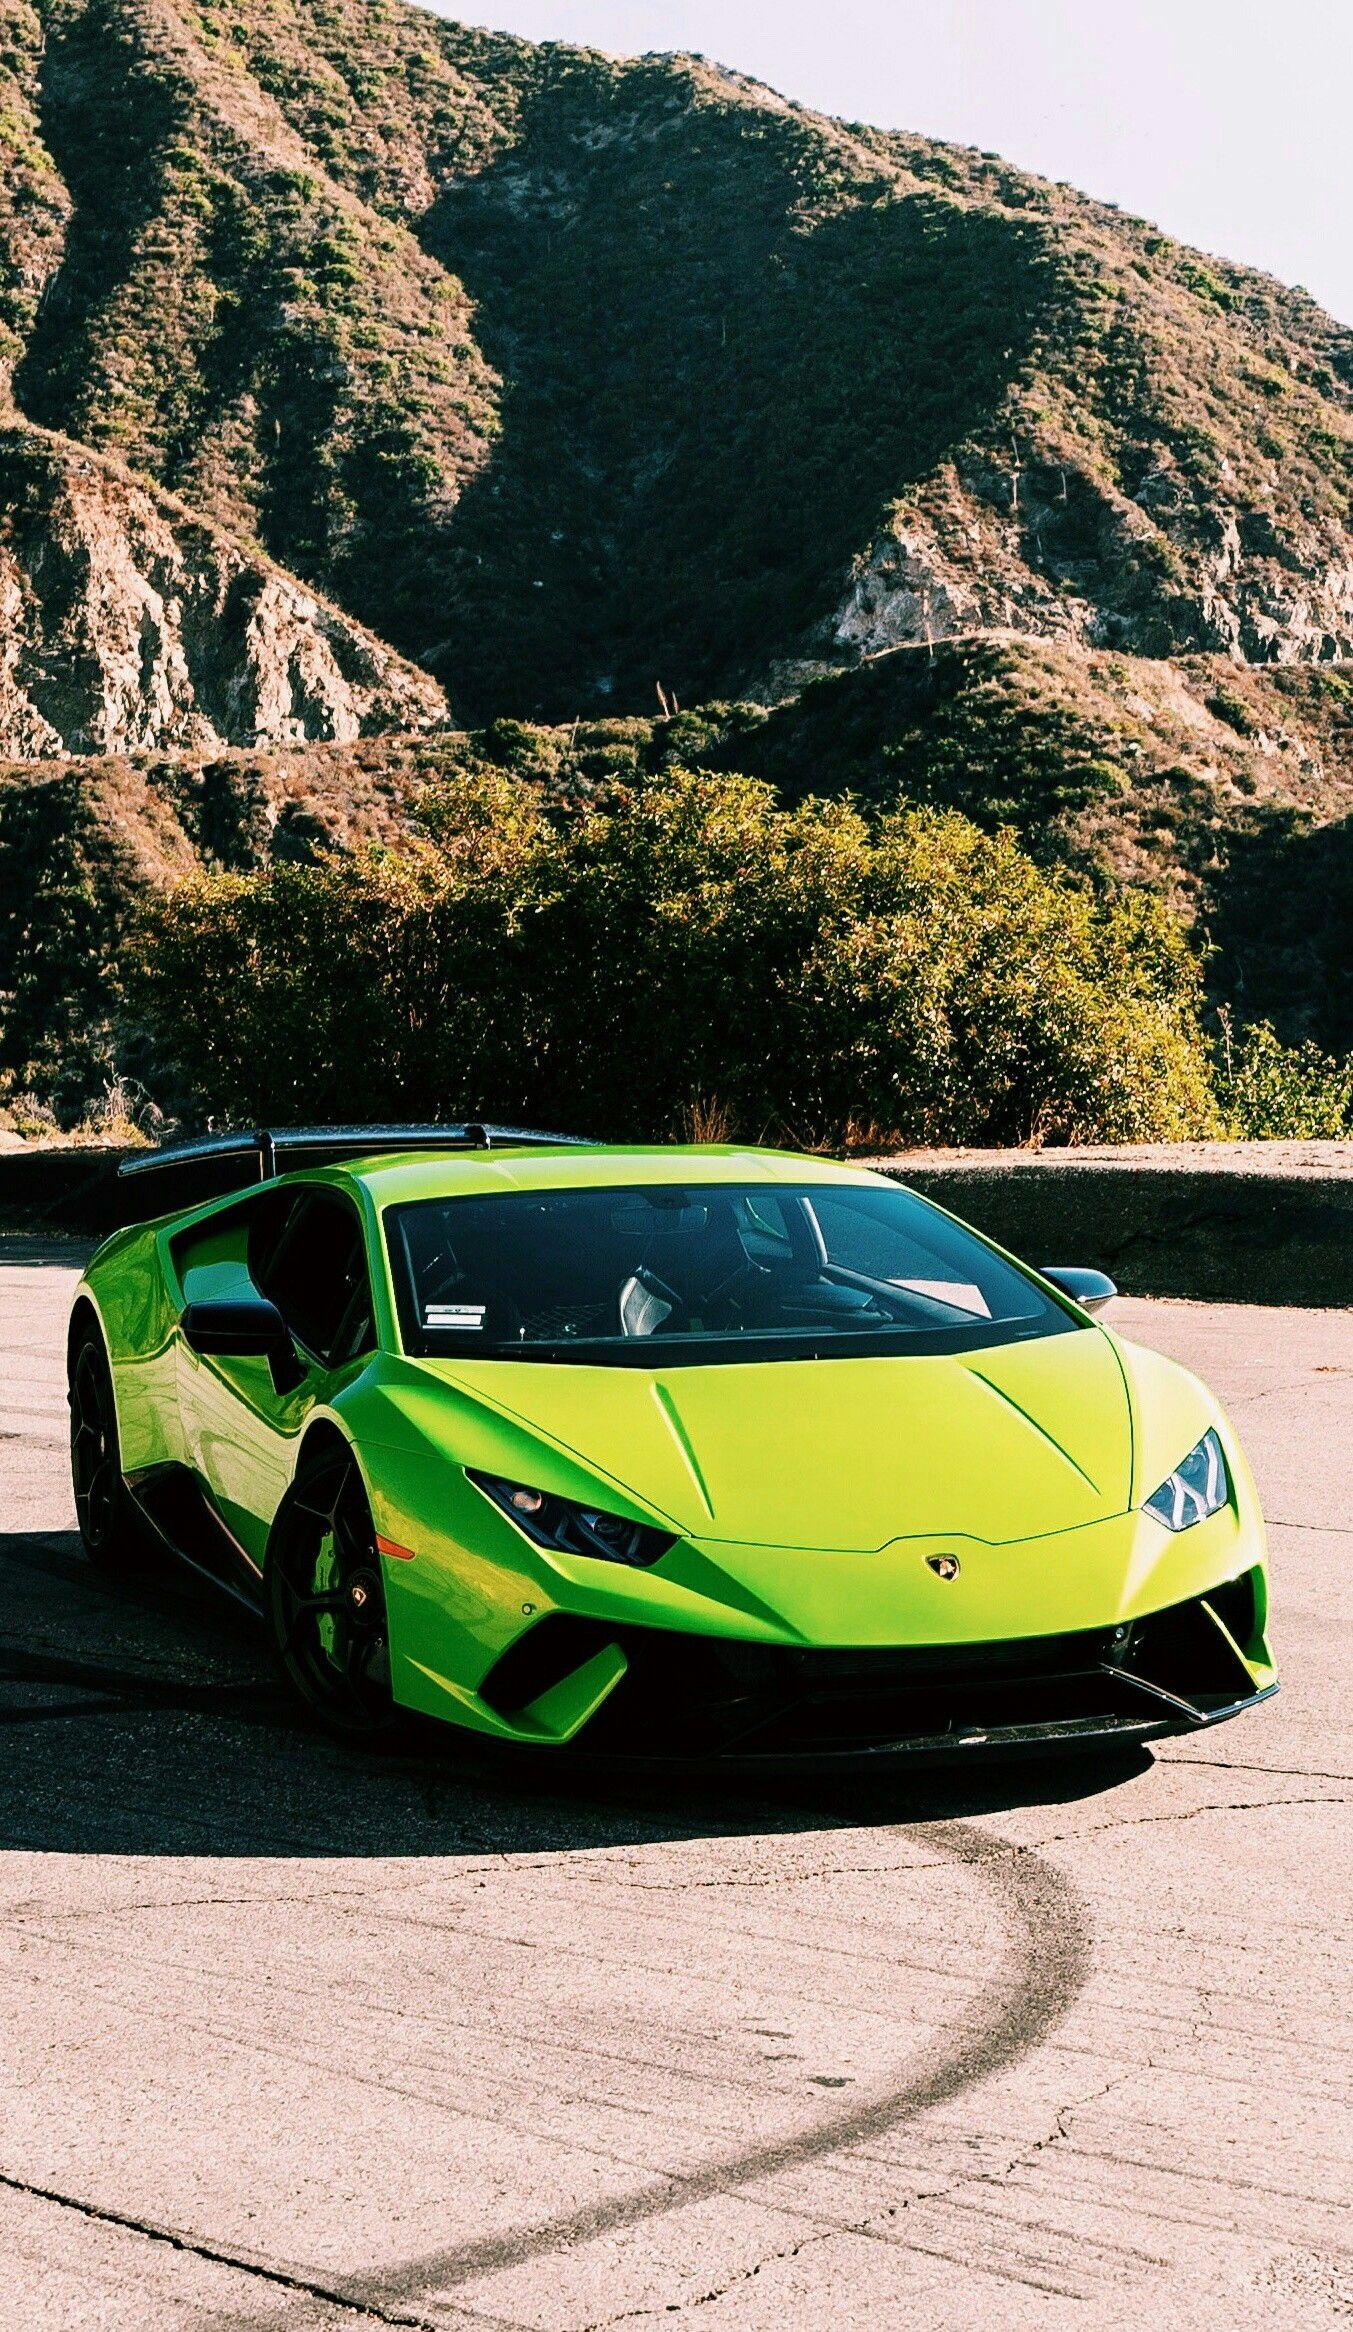 Lamborghini Huracan Performante Cars Coole Autos Klassische